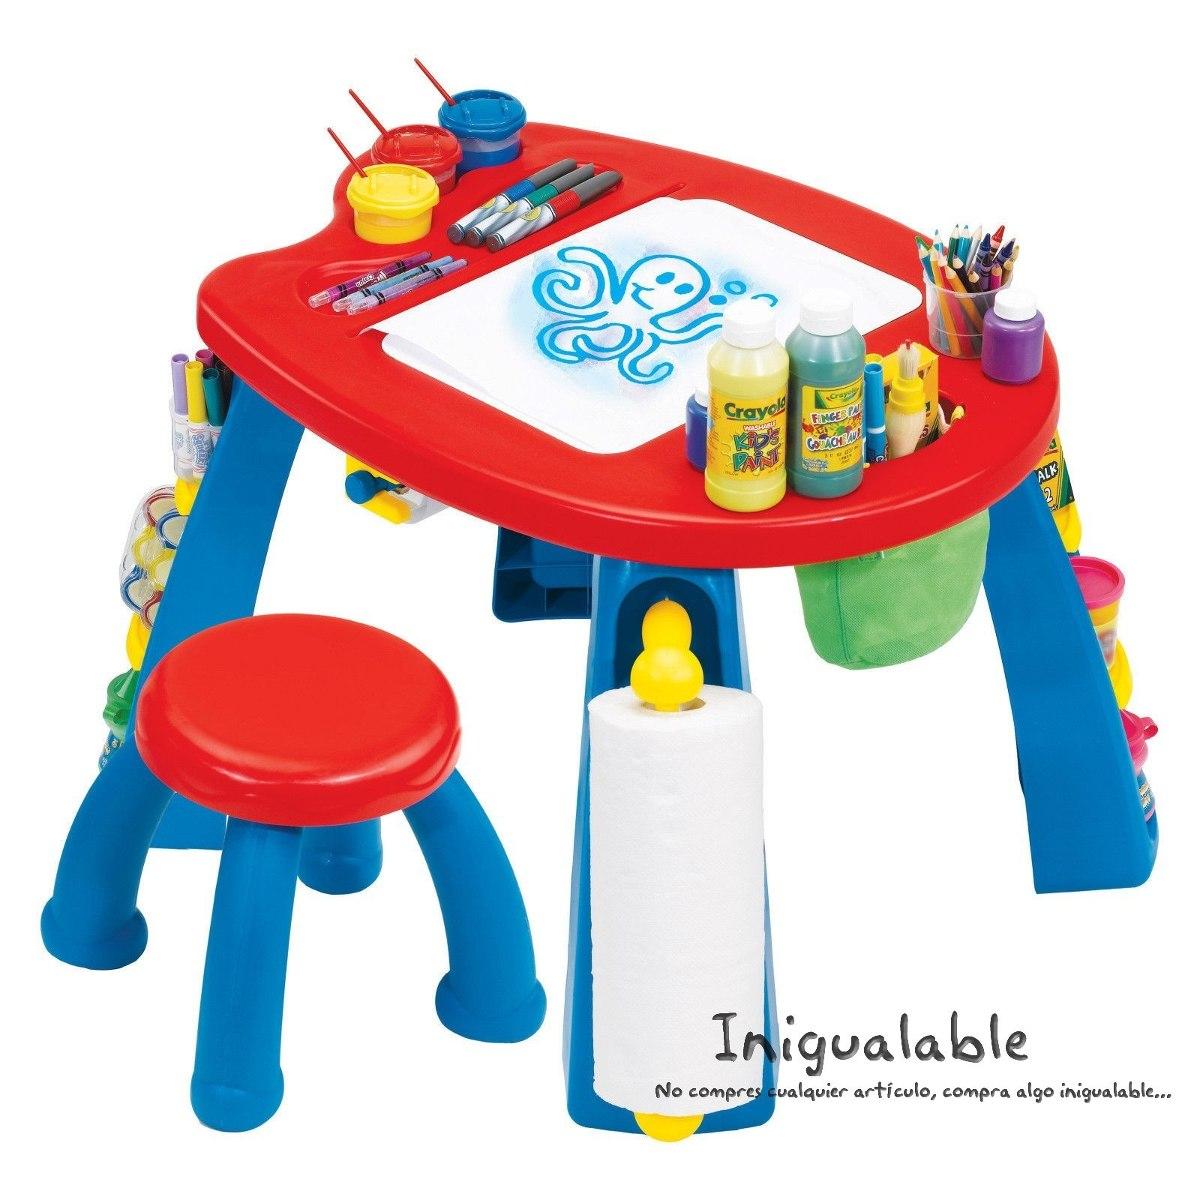 Escritorio con mesa y sillas para ni os crayola 2 350 for Mesas para ninos en walmart